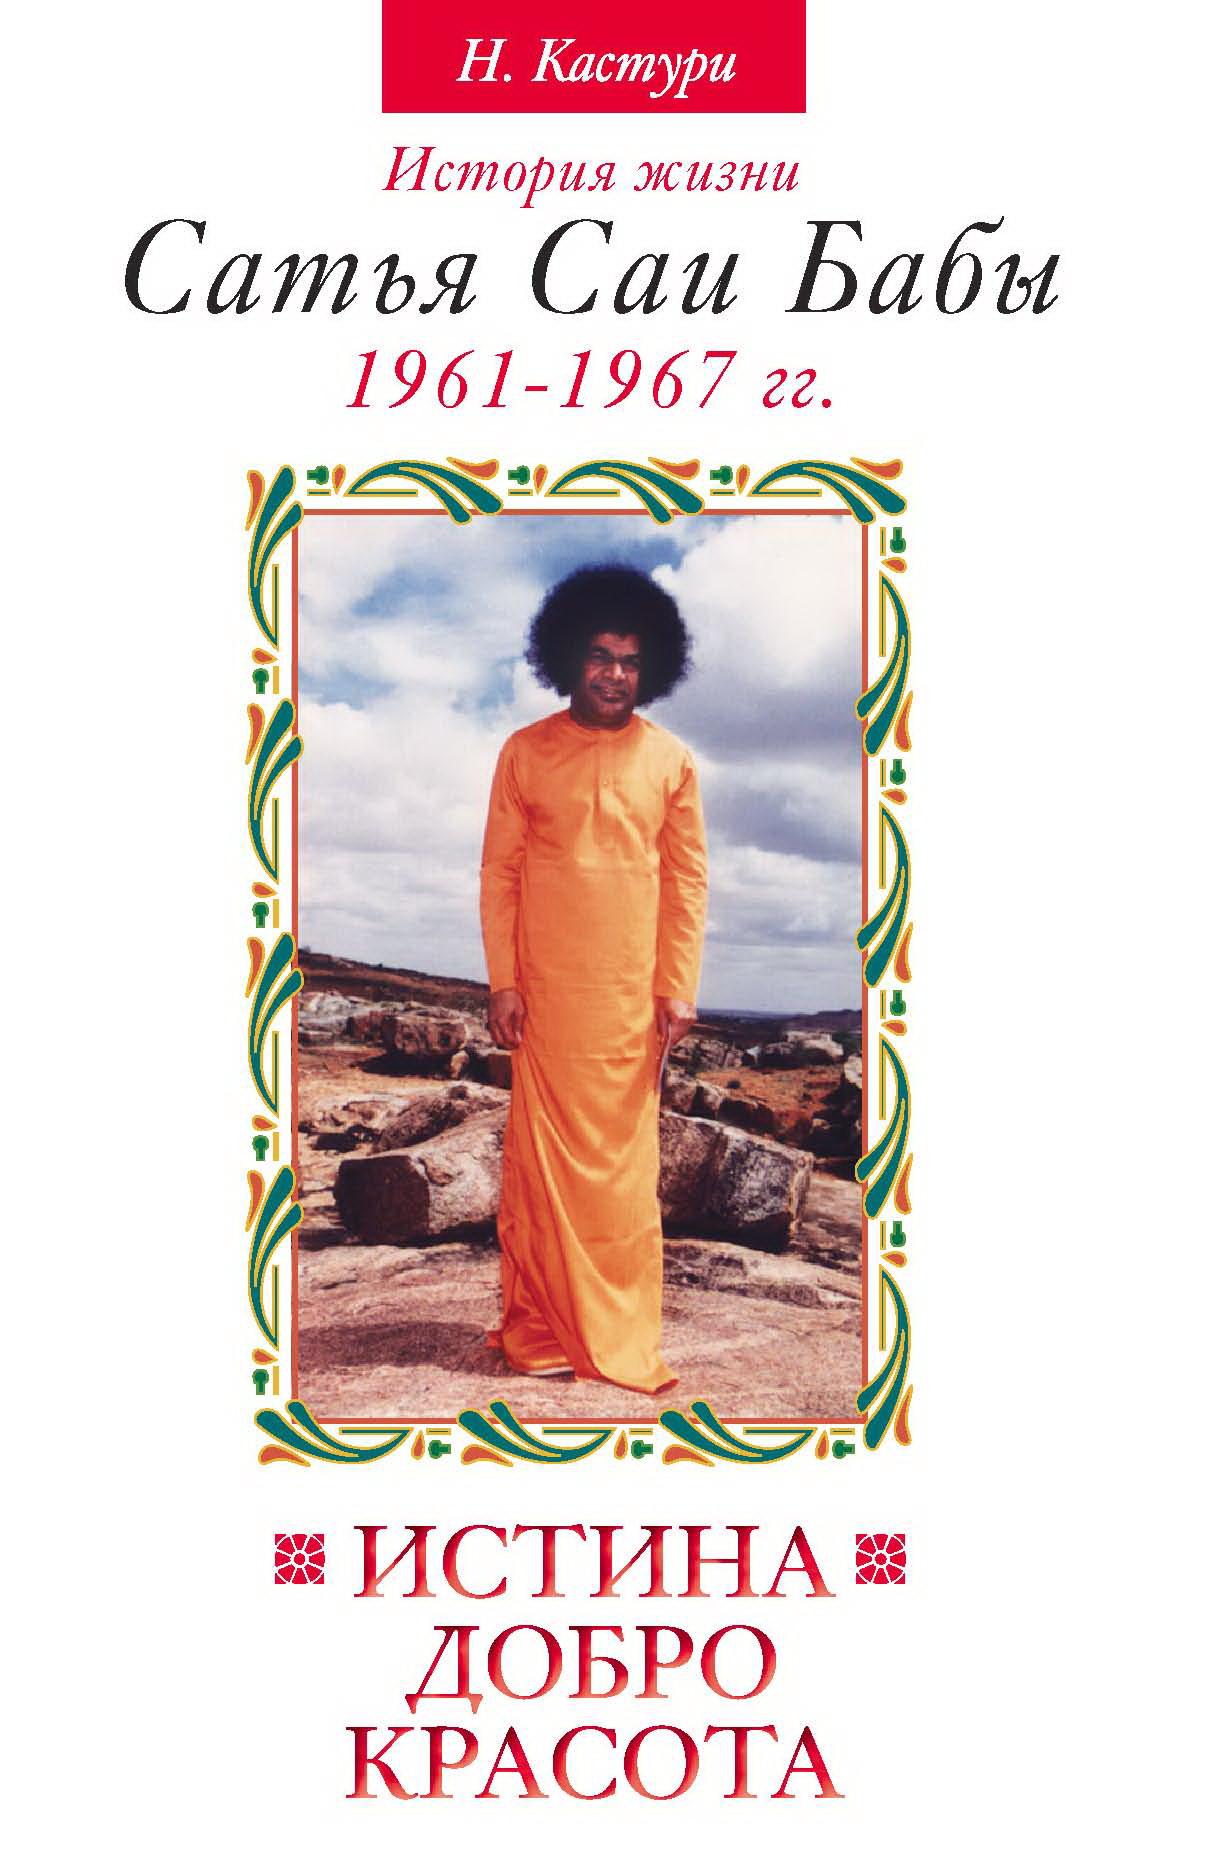 Истина, добро, красота. Т.2. 2-е изд. История жизни Сатья Саи Бабы